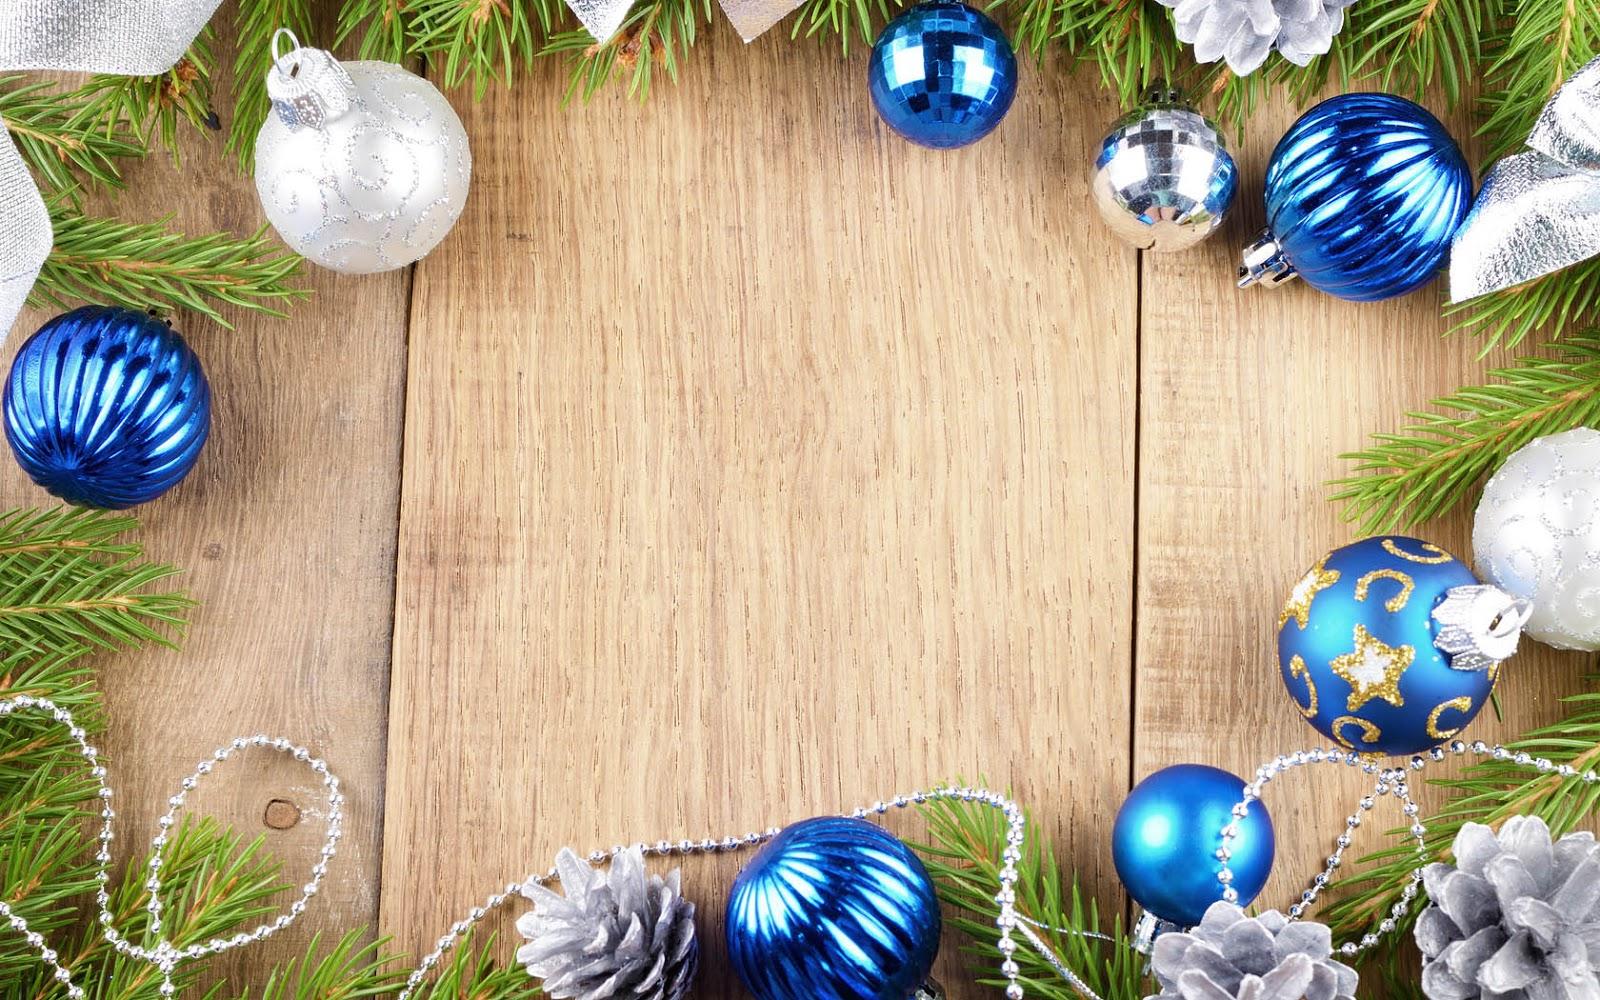 S 3d Wallpaper Hd Blauwe En Zilveren Kerstballen Mooie Leuke Achtergronden